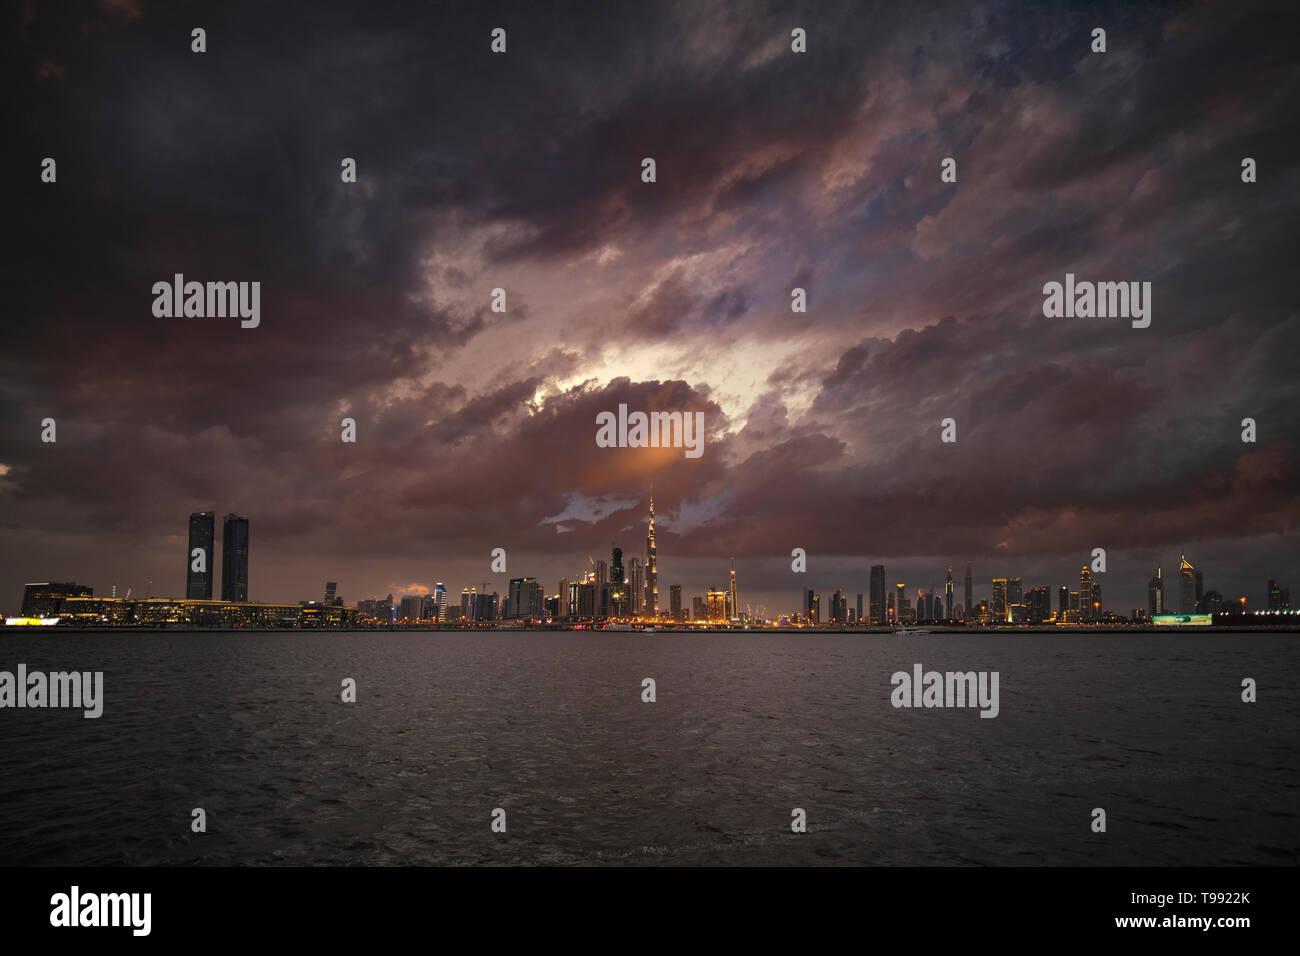 Atardecer nublado horizonte de Dubai Foto de stock